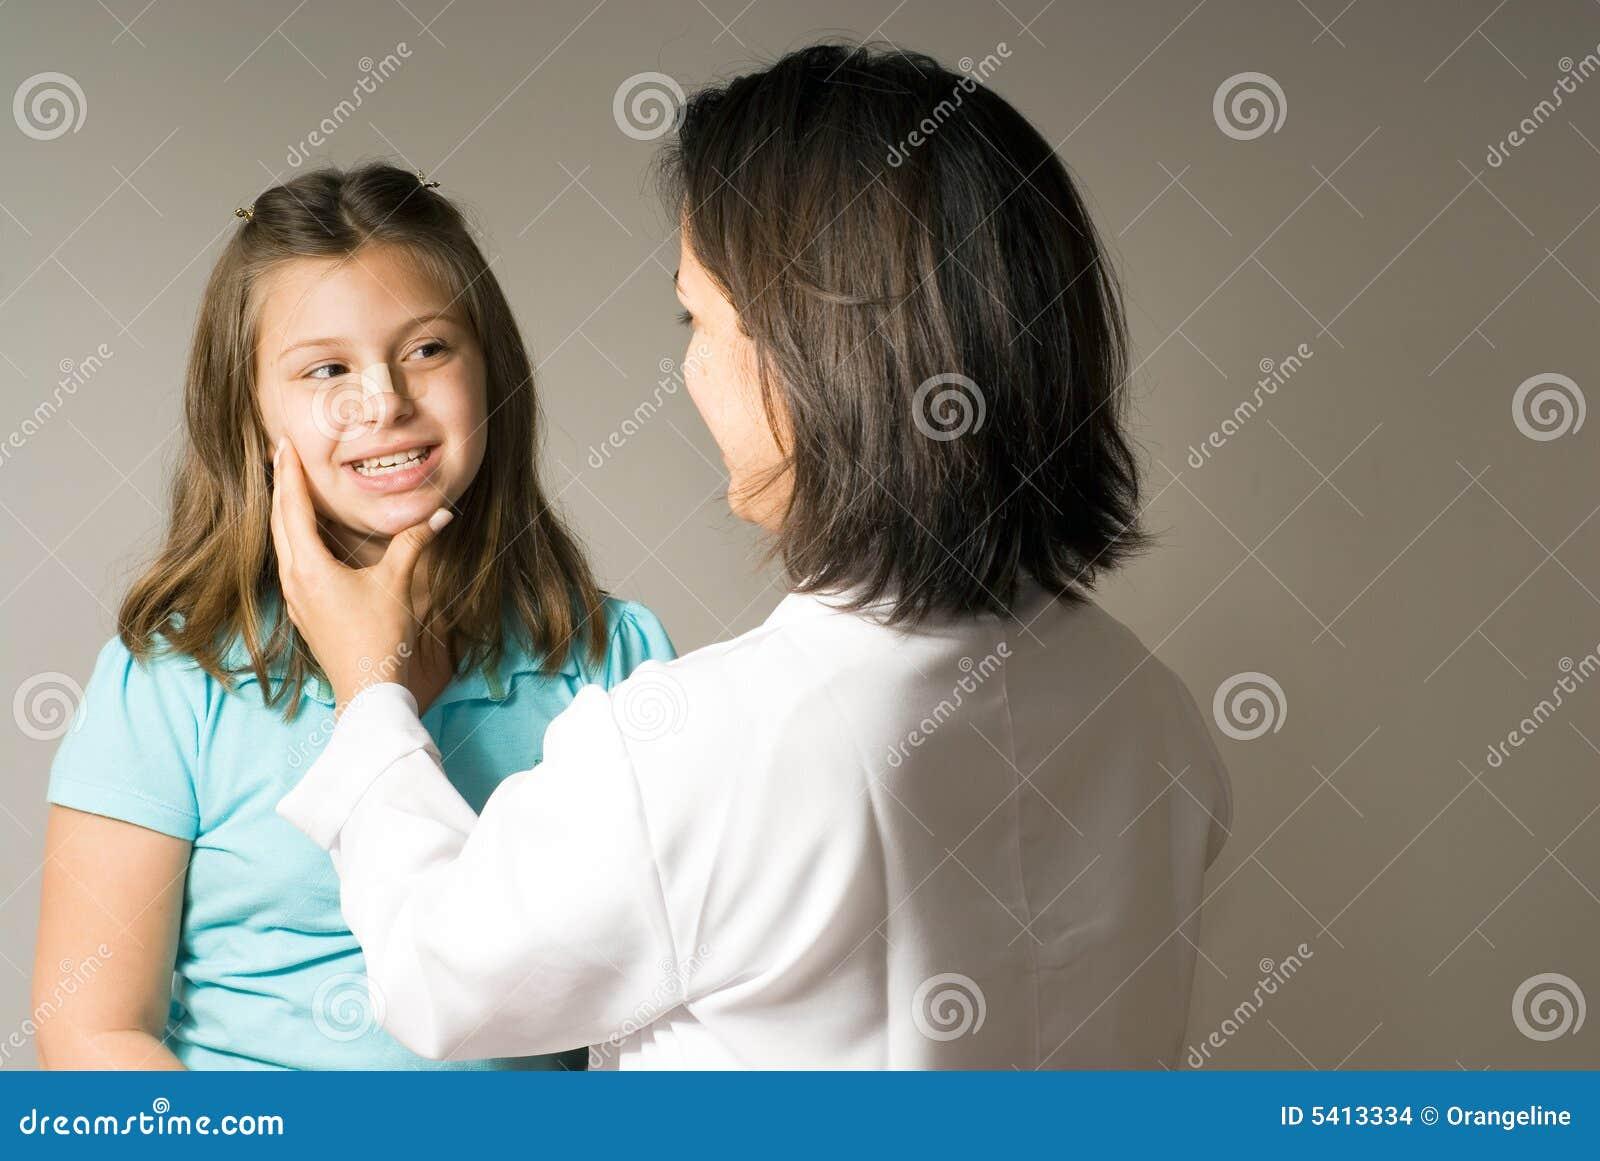 Doktor bada twarzy dziewczyny jest poziomy